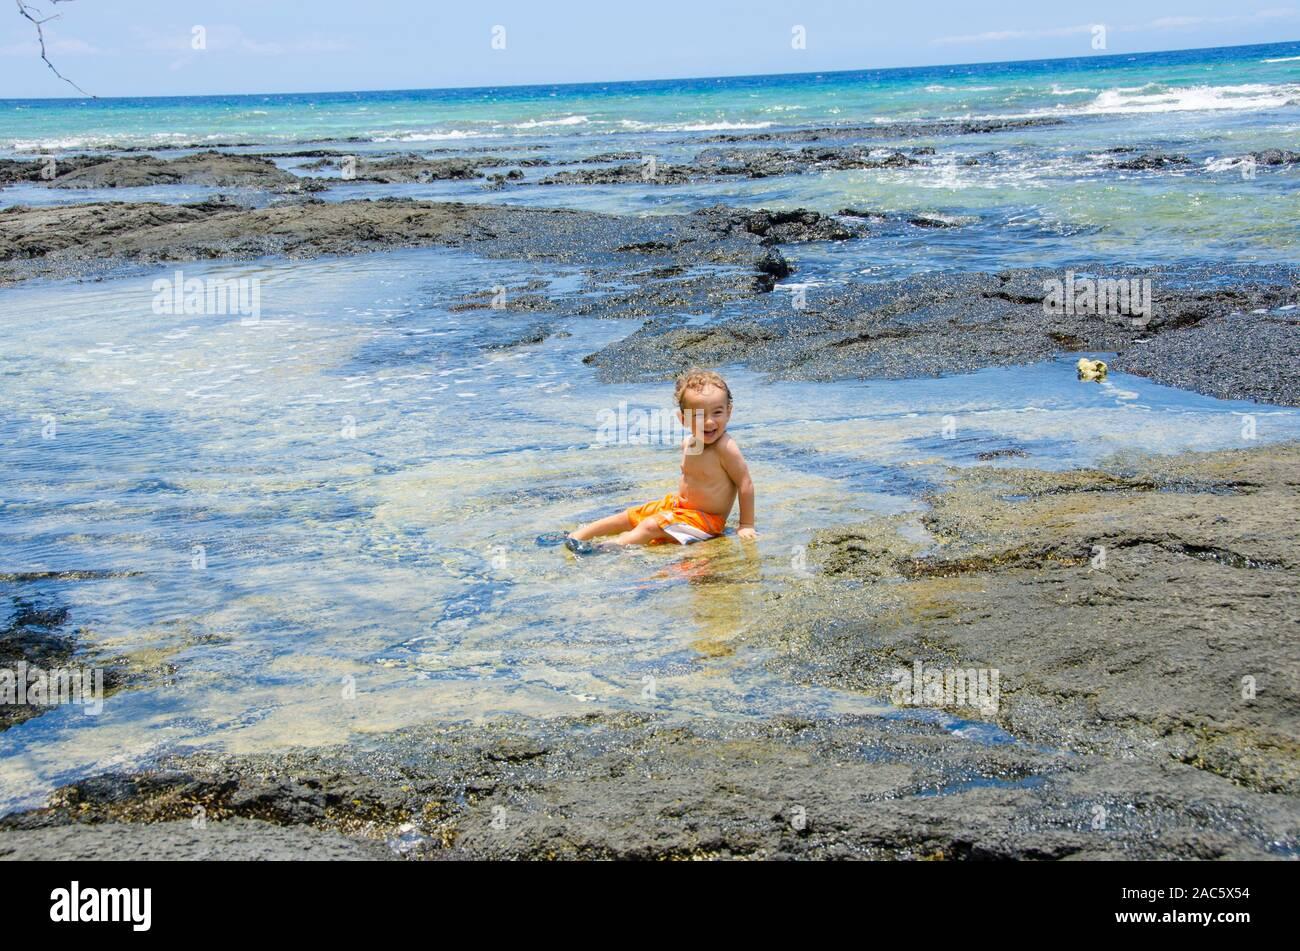 Un joven chico local se ríe como él se sienta en una piscina de marea en una playa en Puako, South Kohala, Hawai'i Isla. Foto de stock